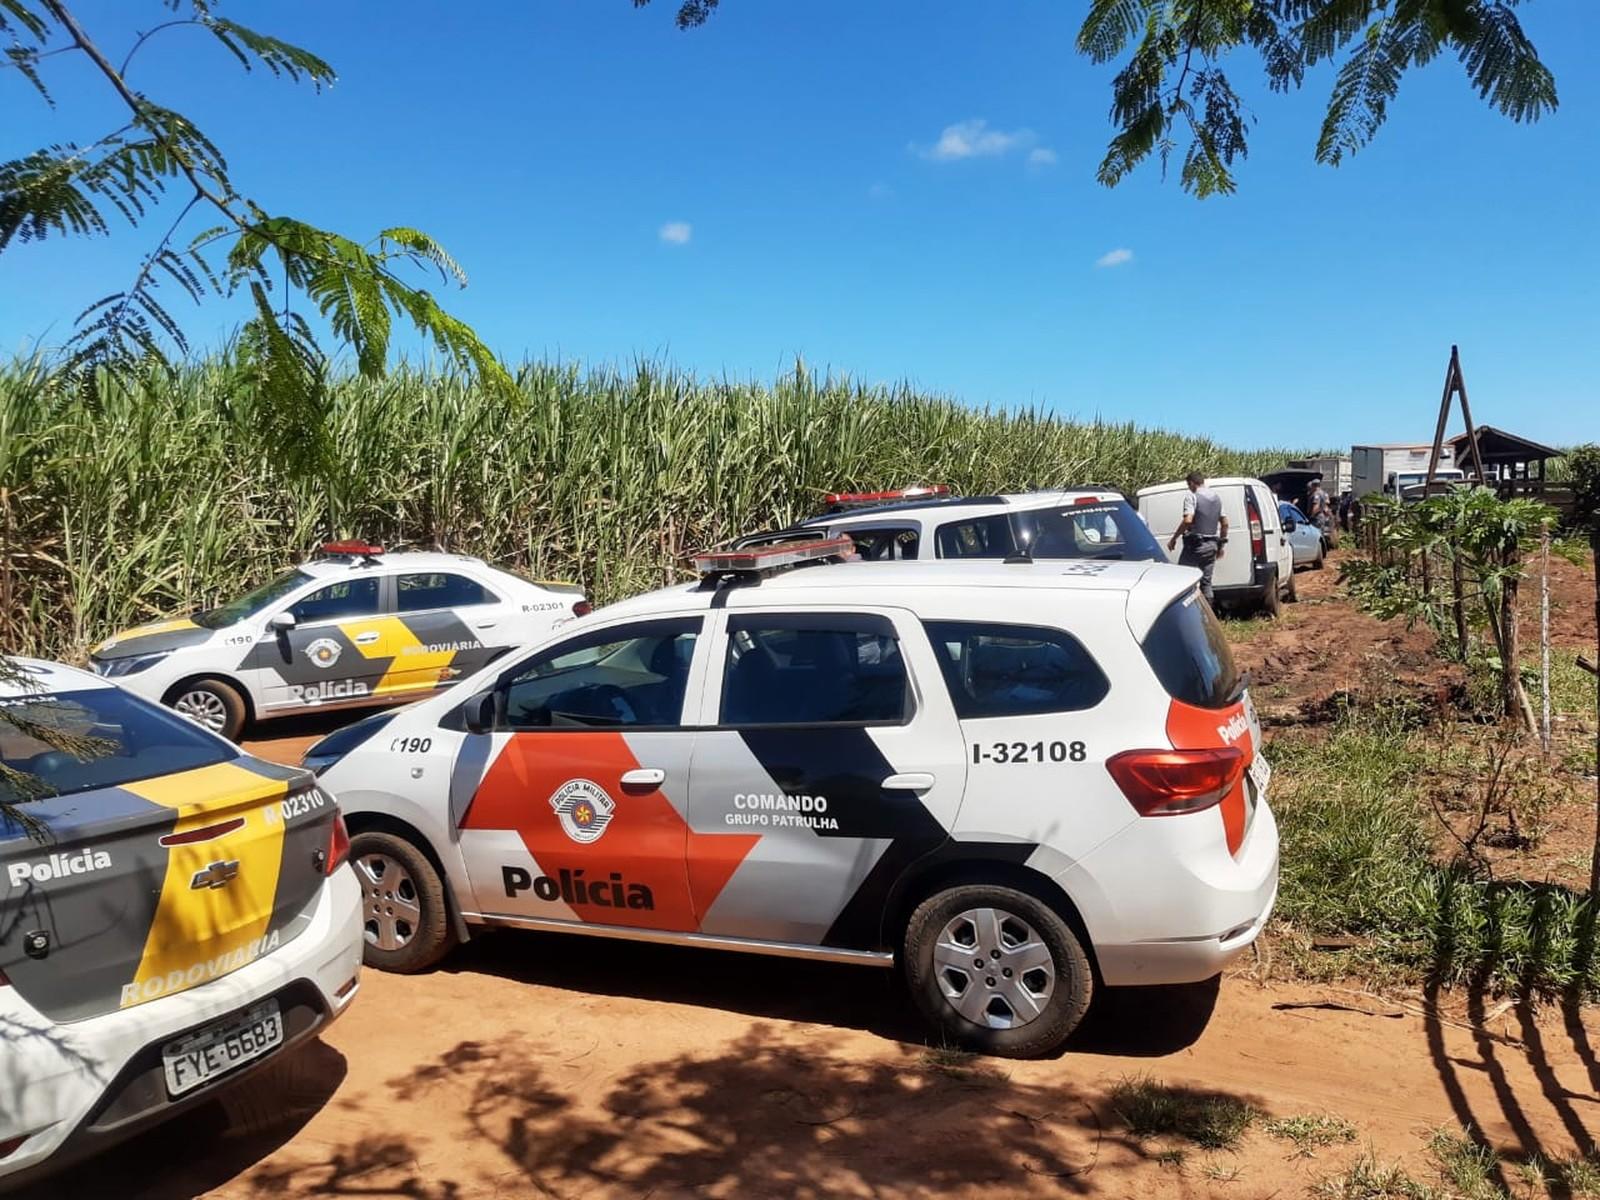 Abordagem foi feita na estrada que liga Assis a Paraguaçu Paulista — Foto: Polícia Militar / Divulgação